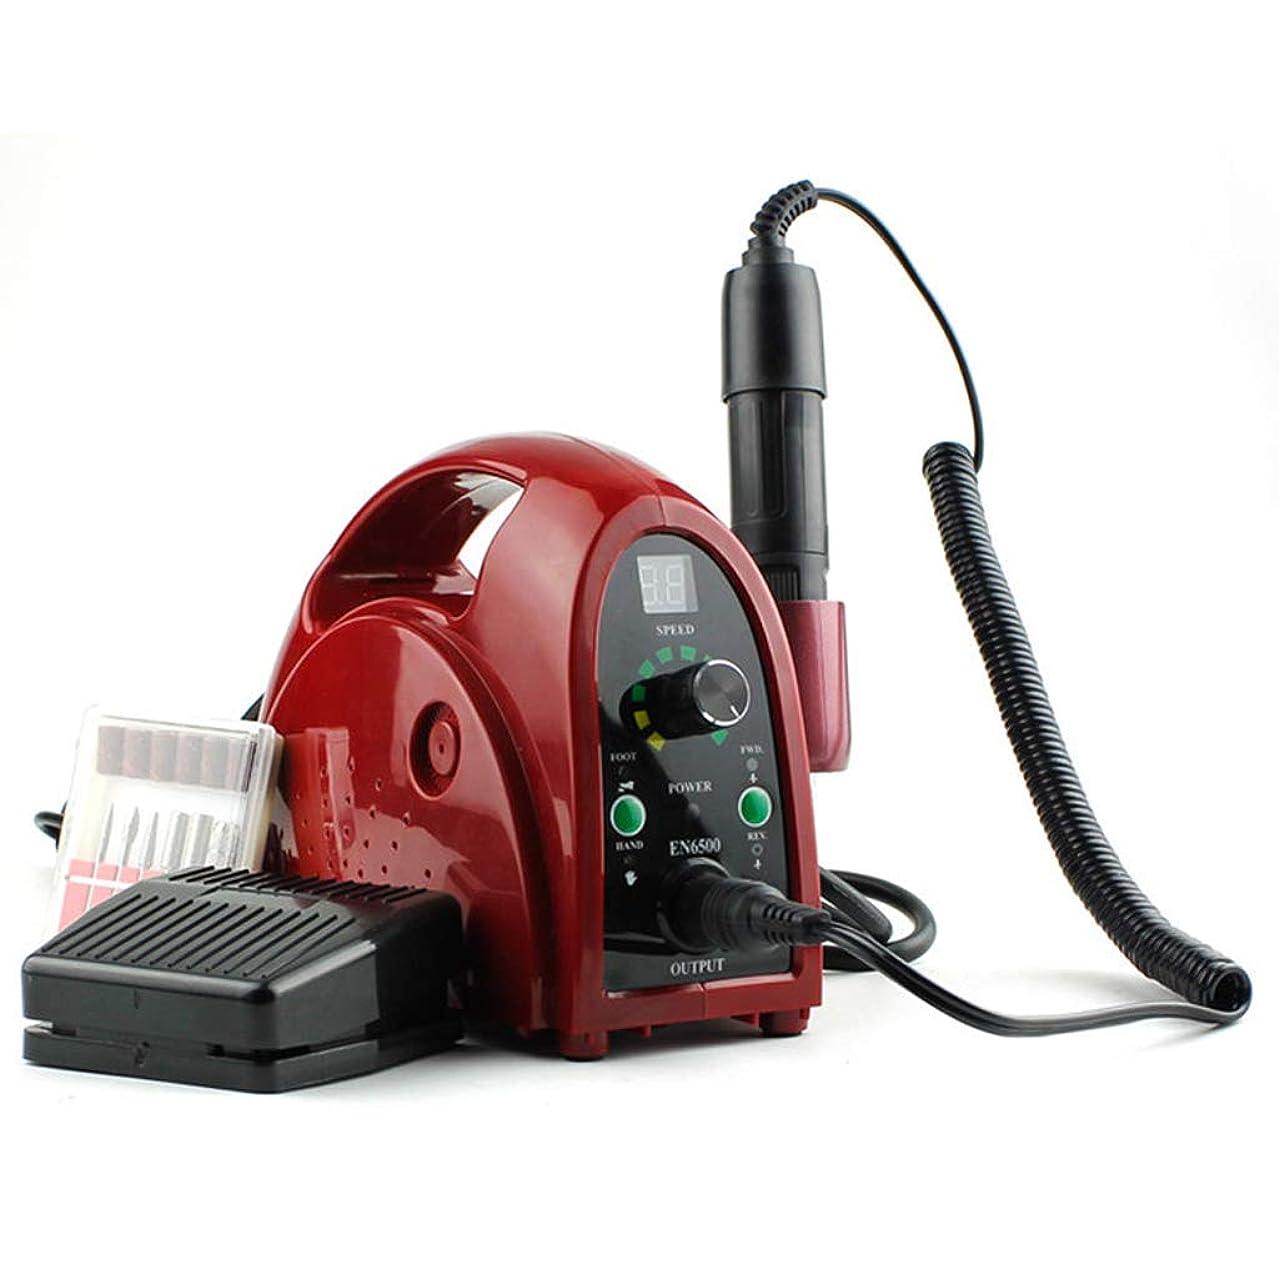 大統領実業家正しく爪研磨機電気マニキュアアクリルネイルマシンサロンケア研磨機35000RPM (色 : Red)